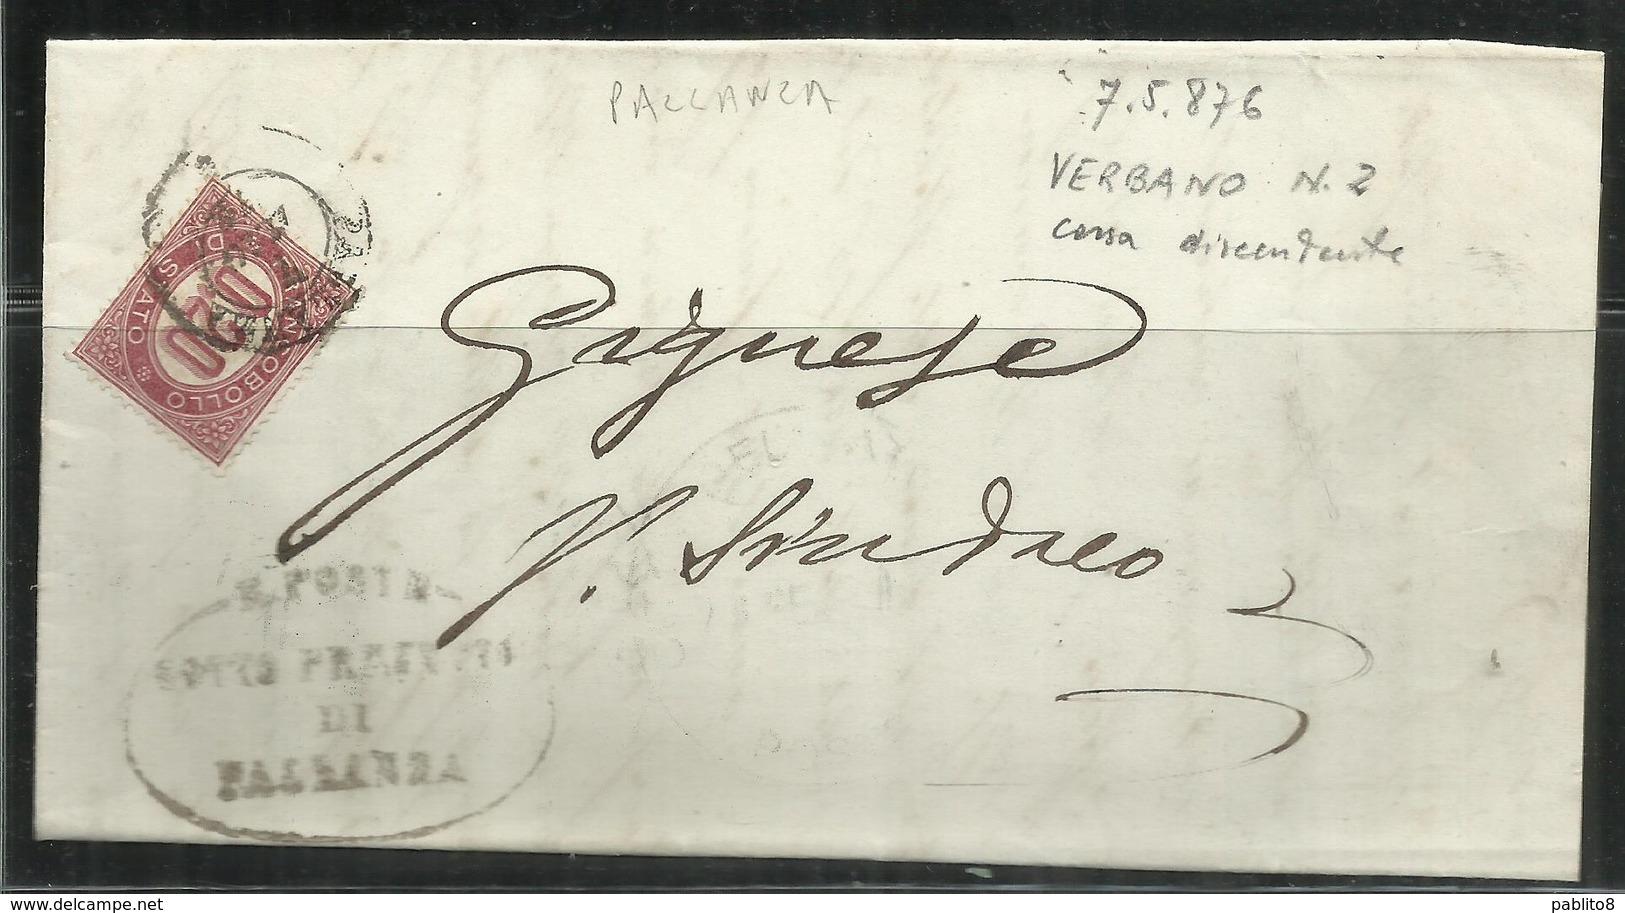 ITALIA REGNO ITALY KINGDOM PALLANZA 7 5 1976 SERVIZI VITTORIO EMANUELE II  CENTESIMI 20c (1875) USATO USED PIEGO LETTERA - 1861-78 Vittorio Emanuele II